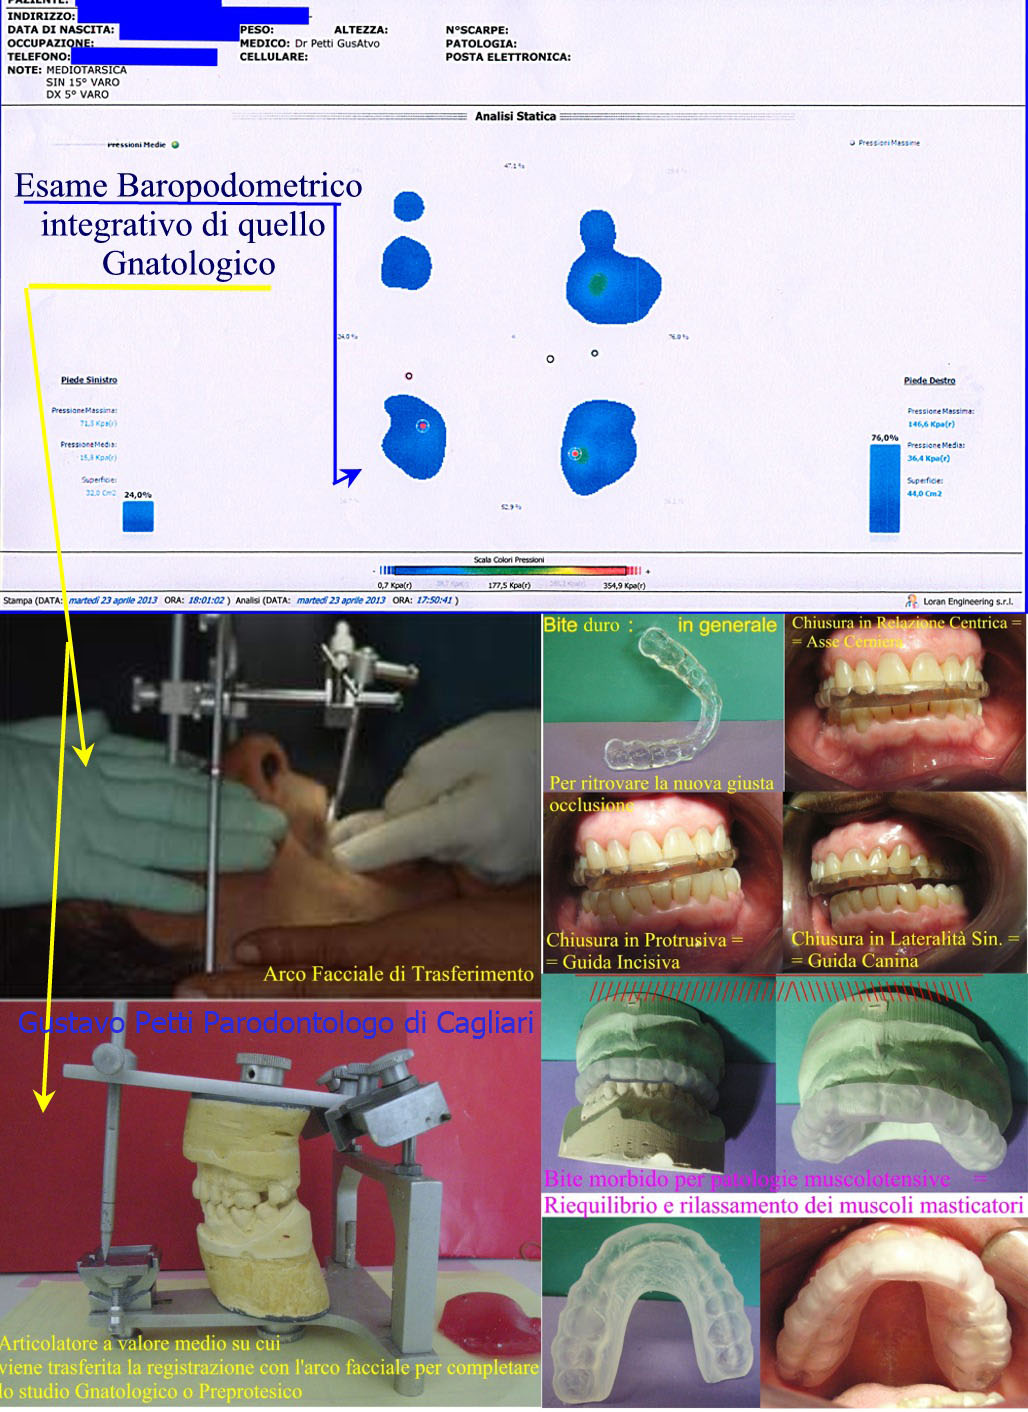 gnatologia-dr-g.petti-cagliari-37.jpg